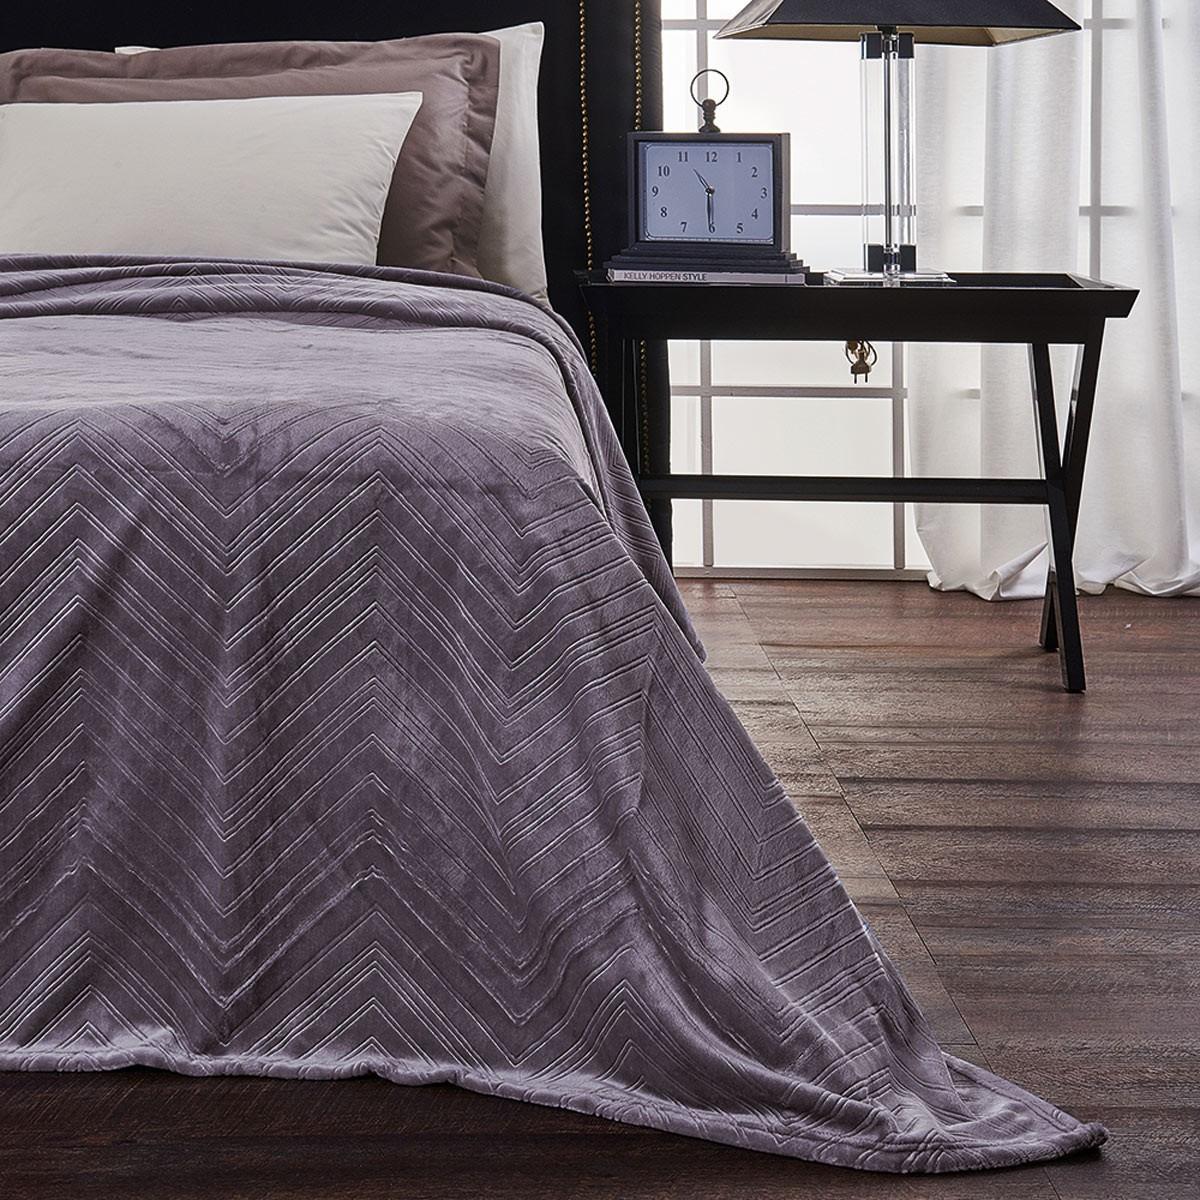 Κουβέρτα Fleece Υπέρδιπλη V19.69 Angolo Lilac